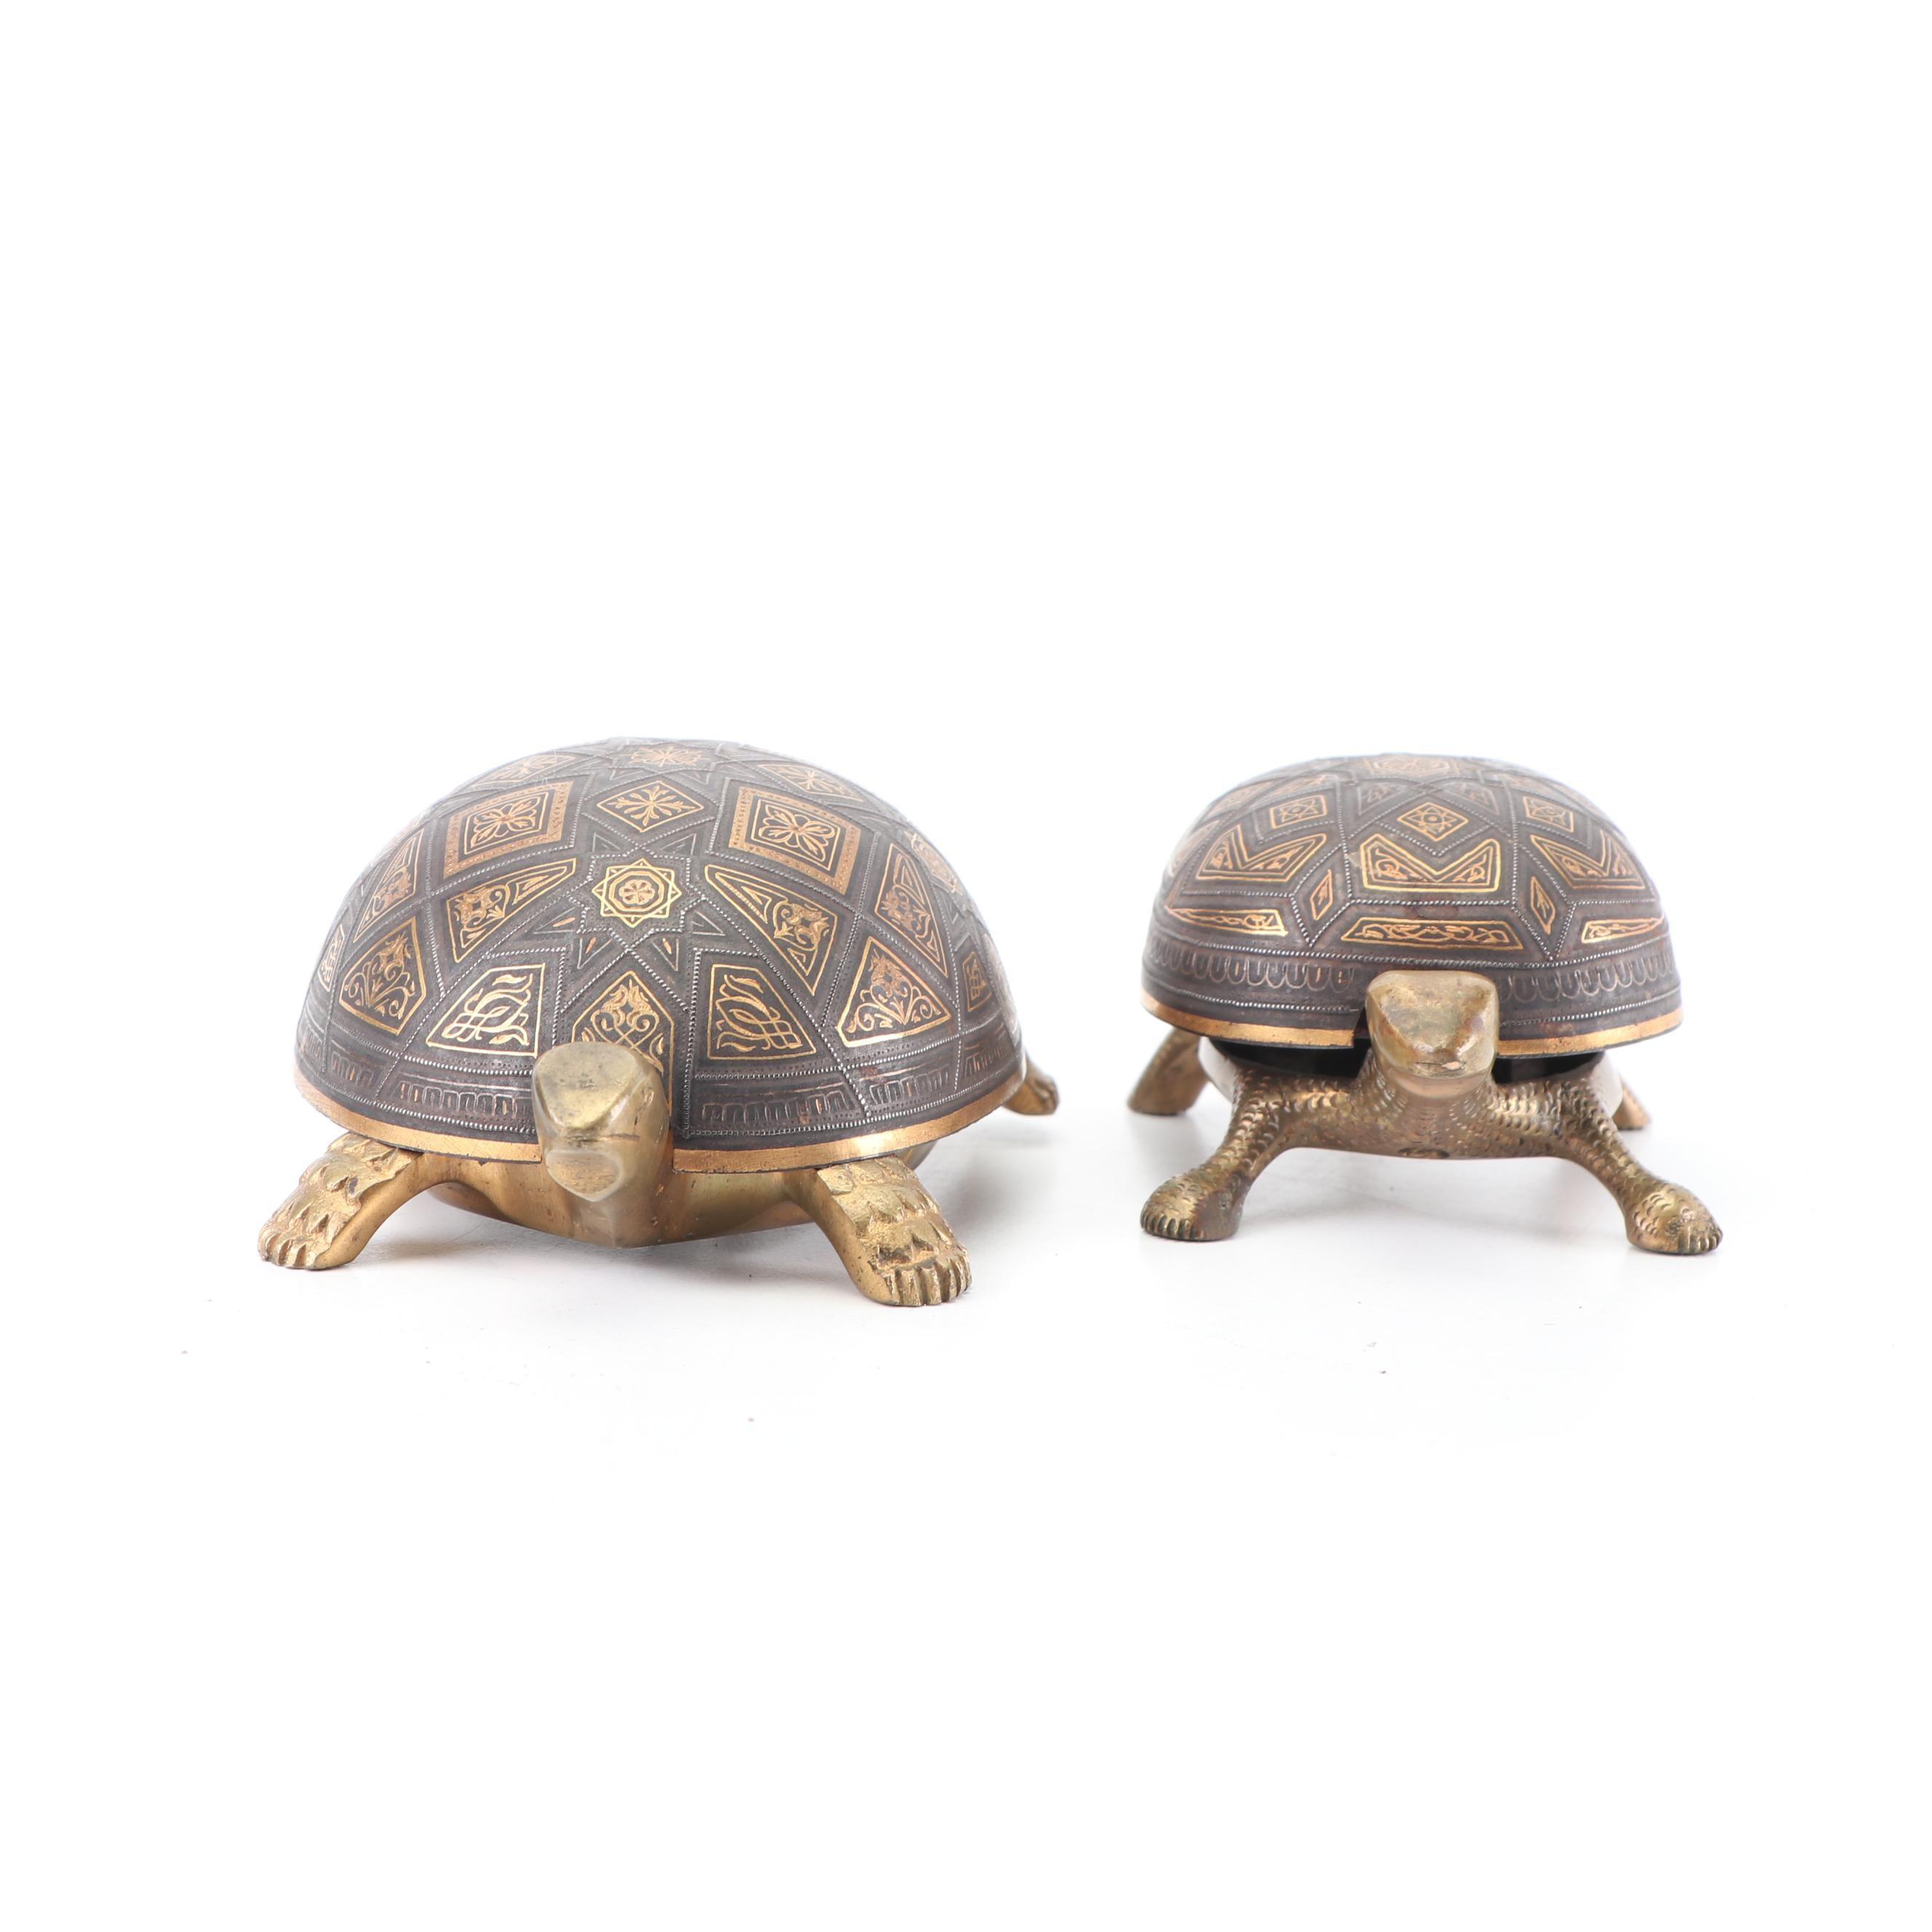 Vintage Damascene Turtle-Shaped Hotel Bells